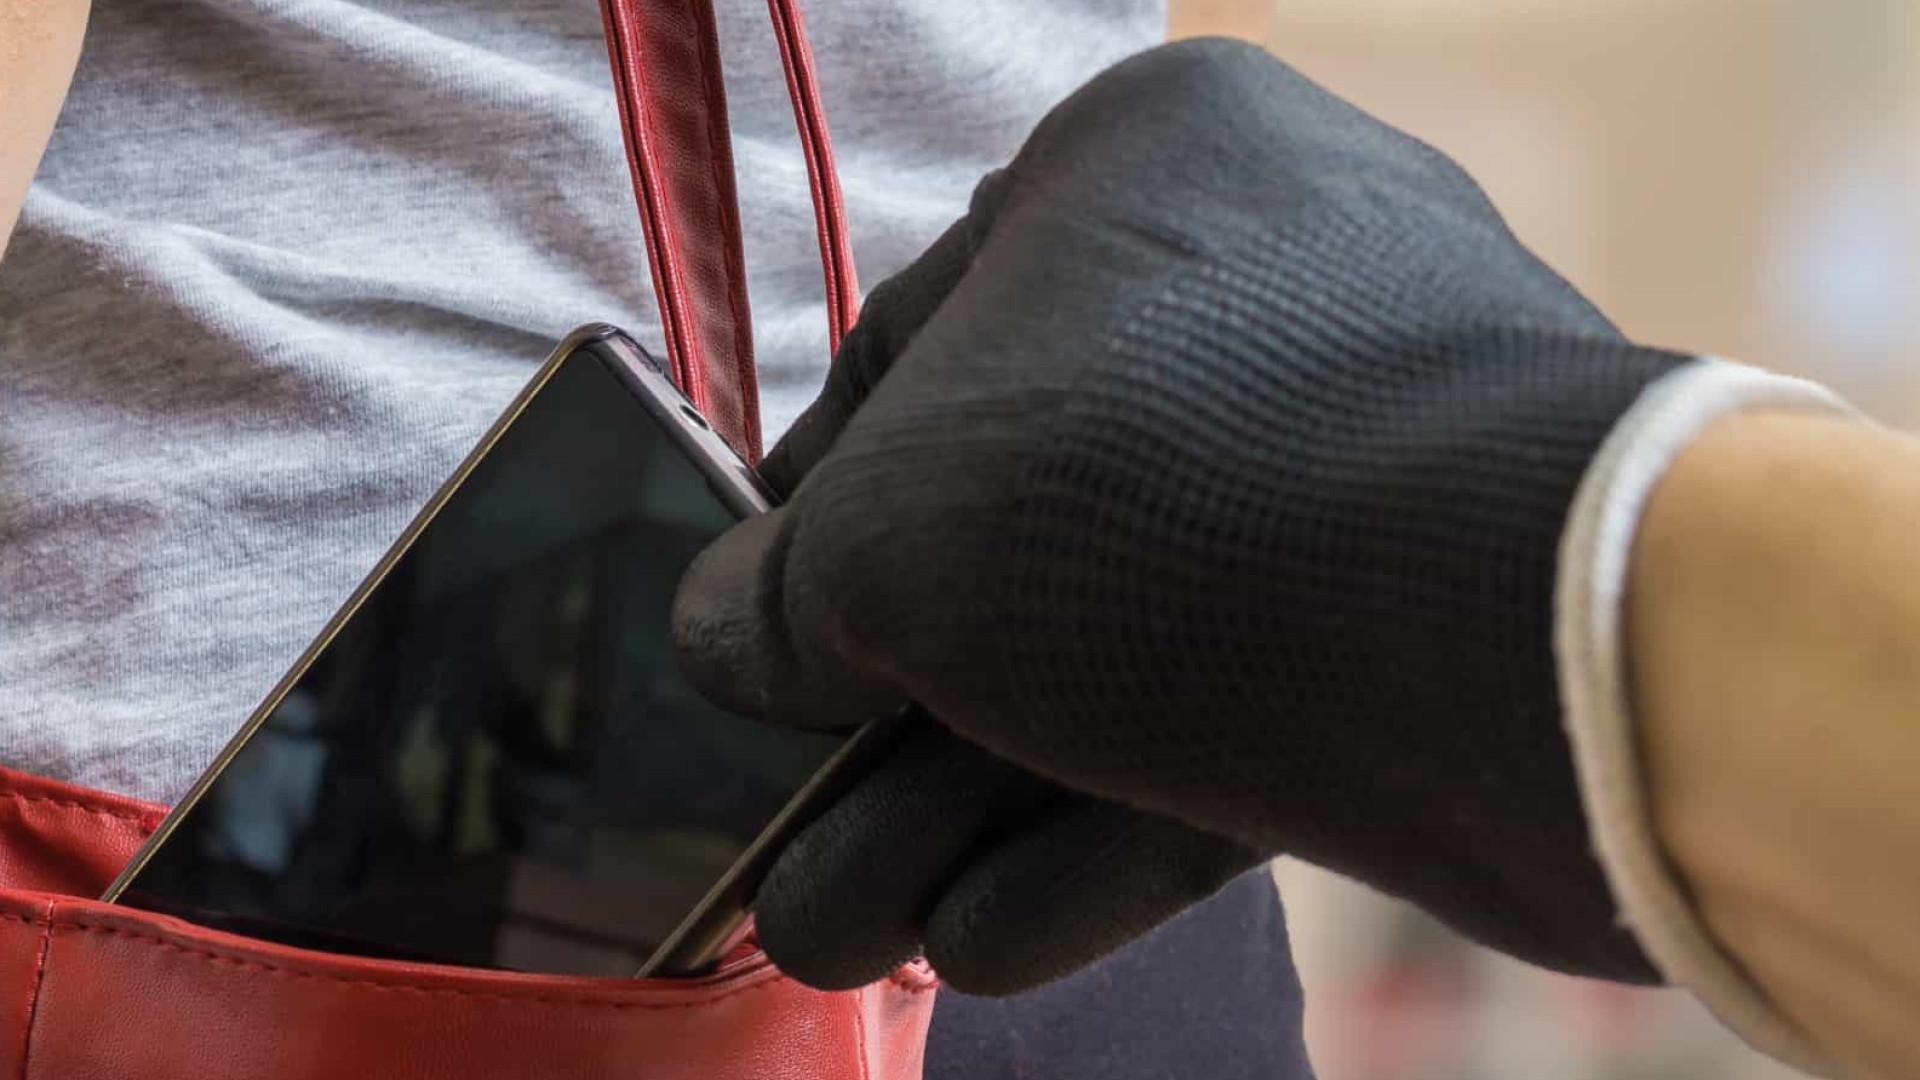 Vereador tem celular furtado em SP, e criminosos limpam conta bancária